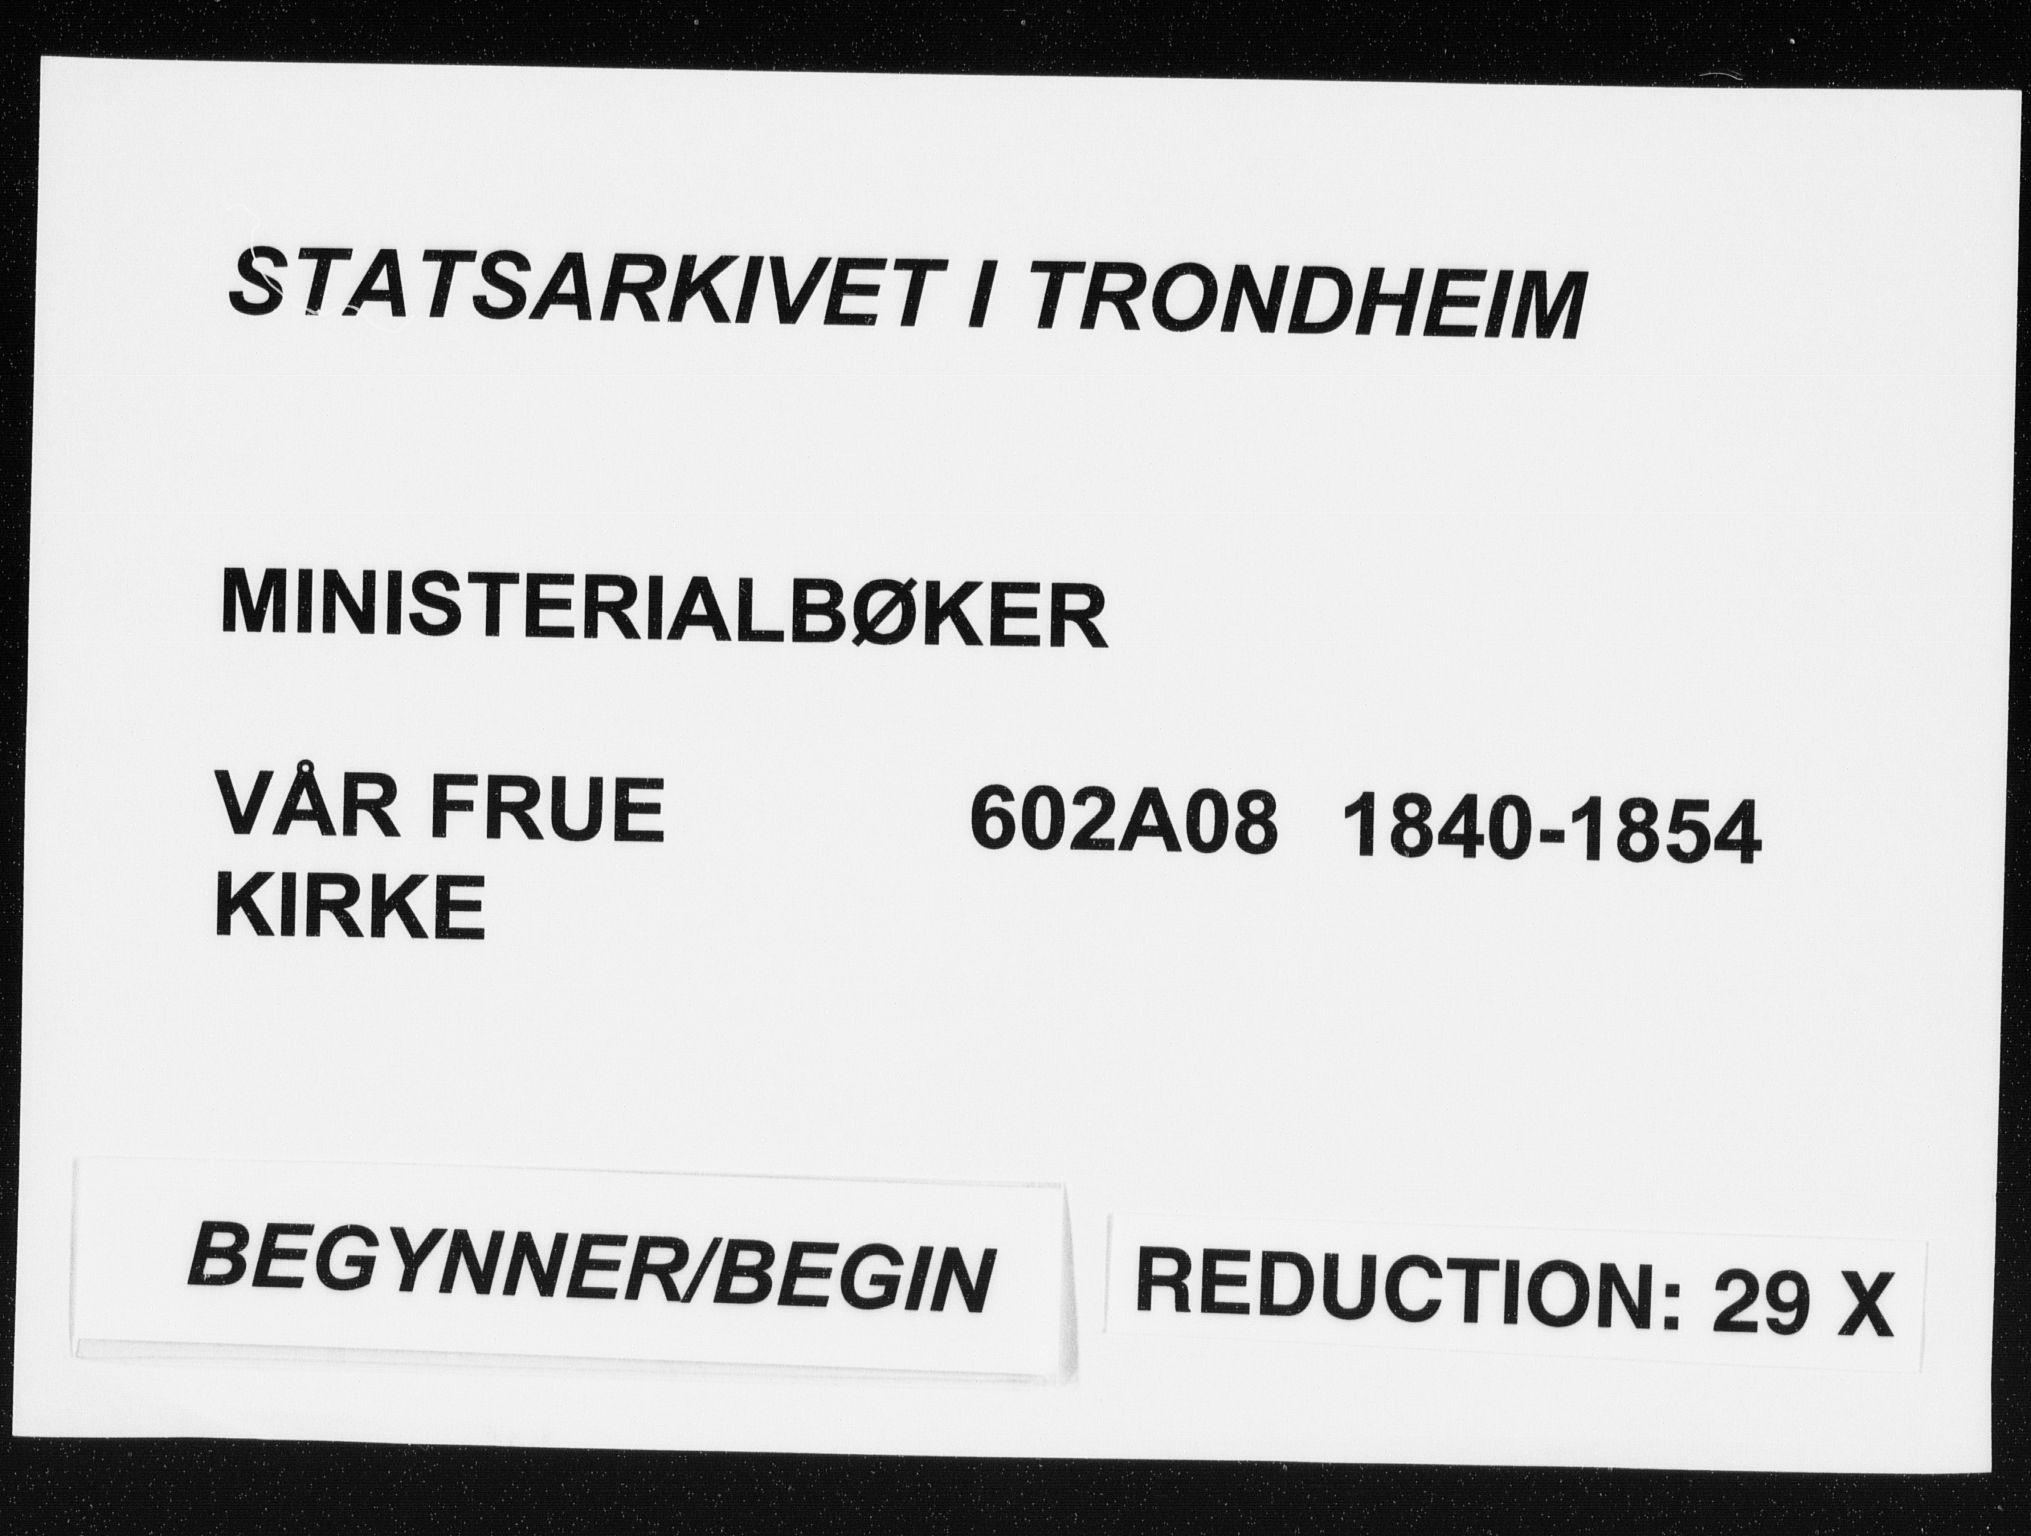 SAT, Ministerialprotokoller, klokkerbøker og fødselsregistre - Sør-Trøndelag, 602/L0110: Ministerialbok nr. 602A08, 1840-1854